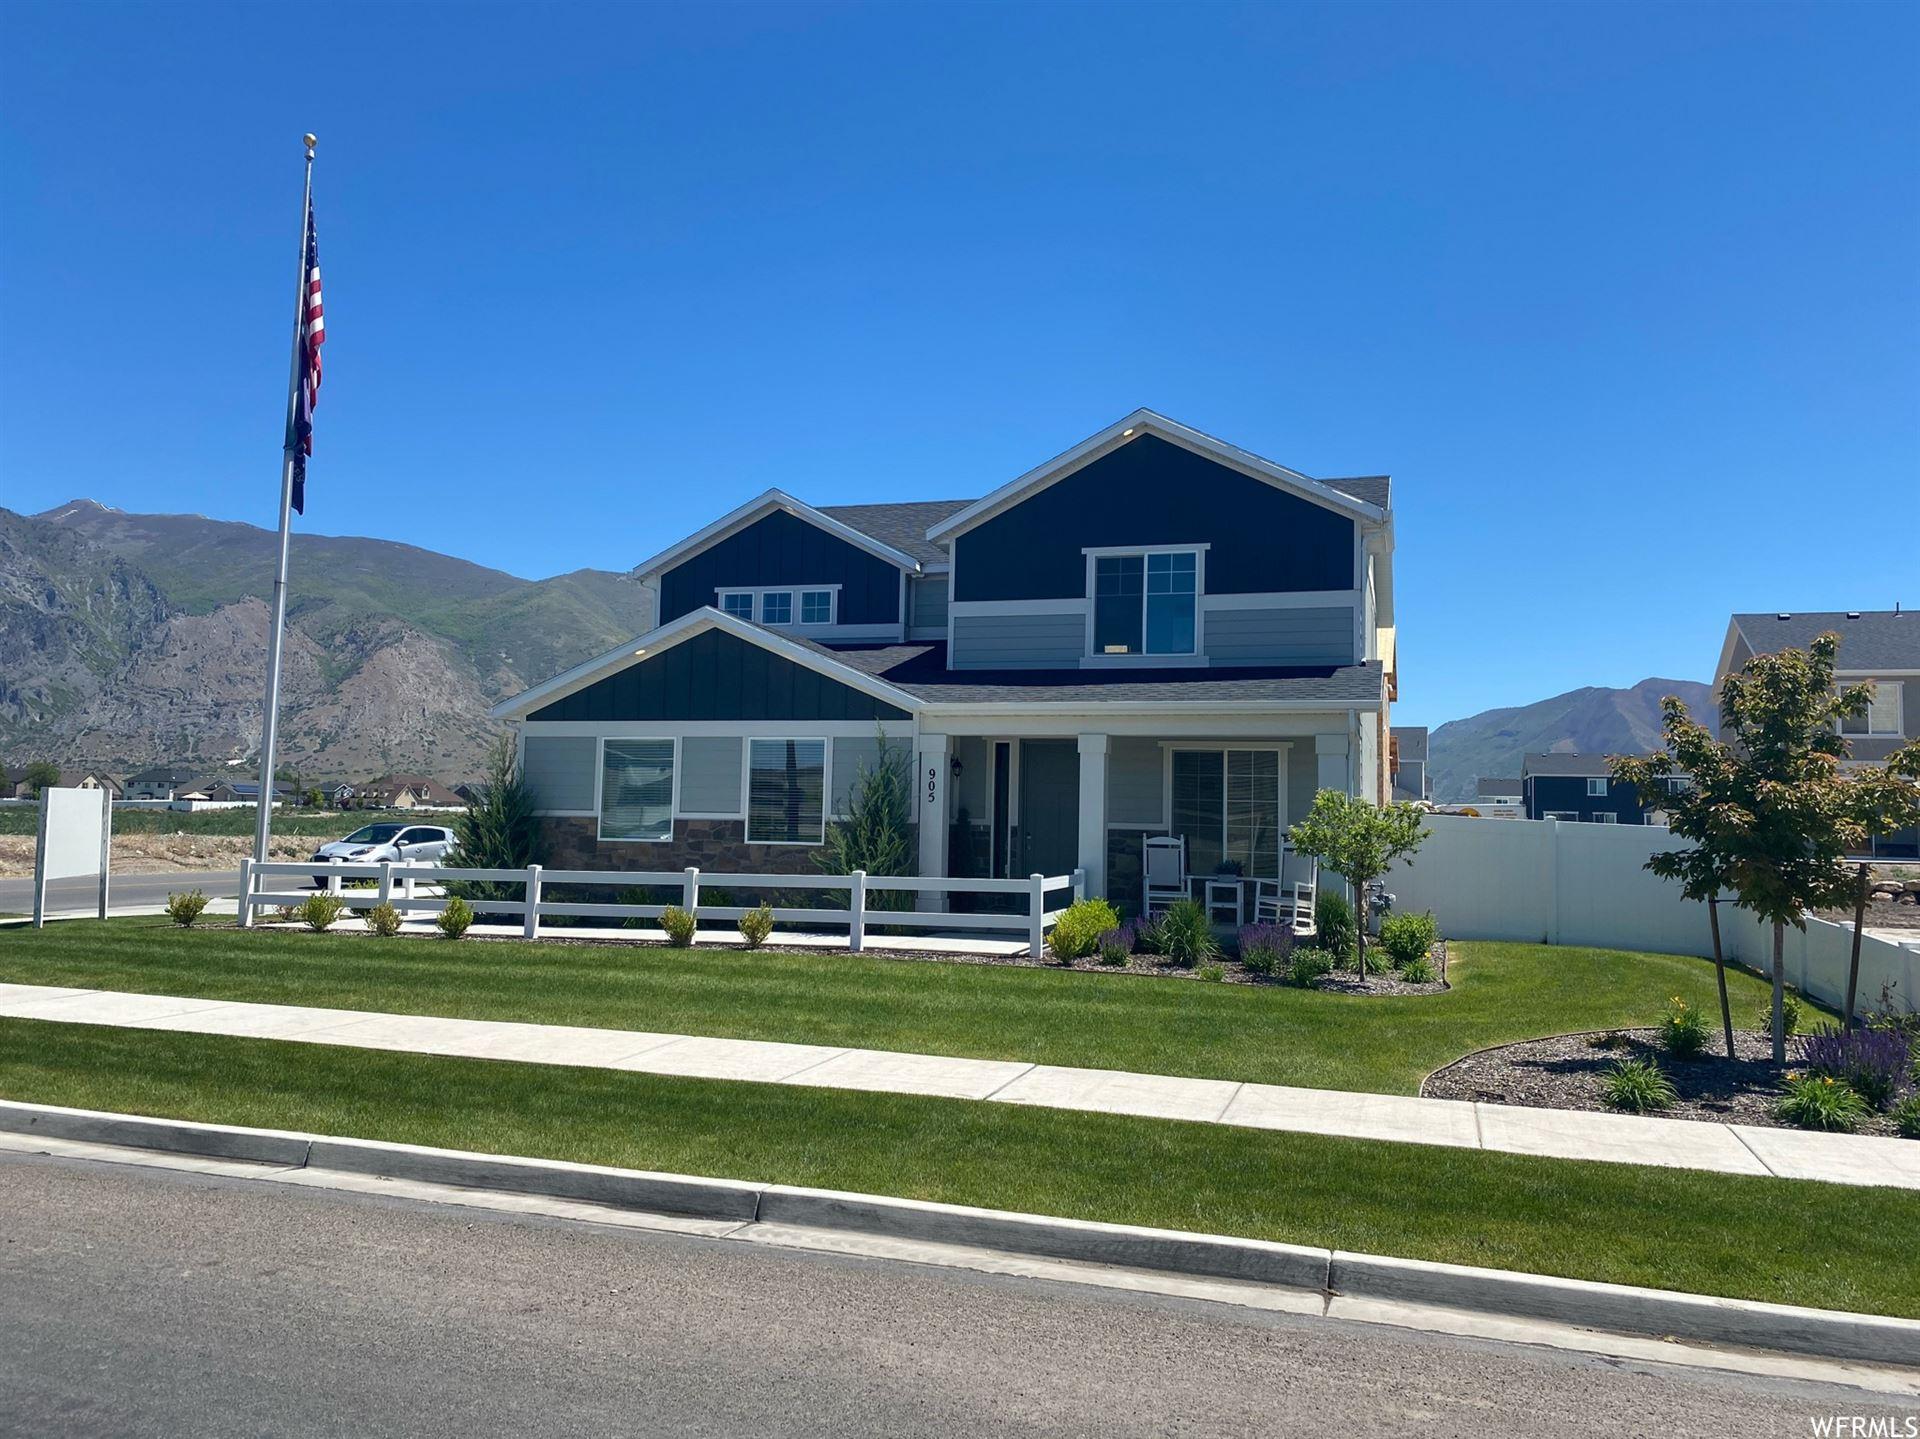 Photo of 7052 W ECHOMOUNT S RD #257, West Valley City, UT 84081 (MLS # 1746642)